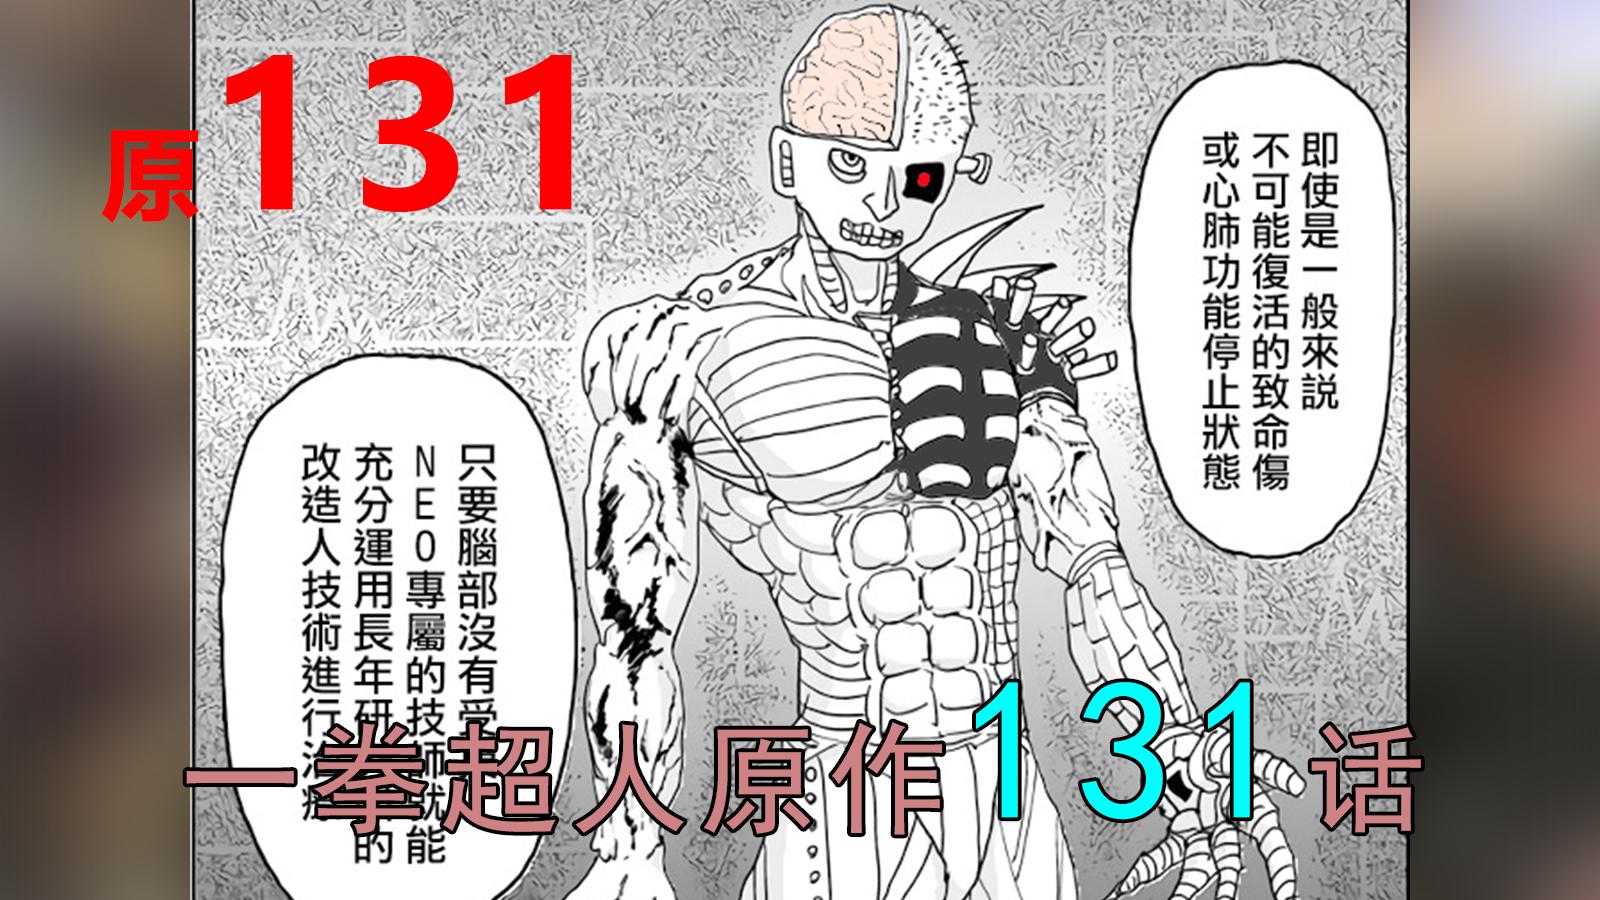 一拳超人原作131话  逐渐露出獠牙的NEO